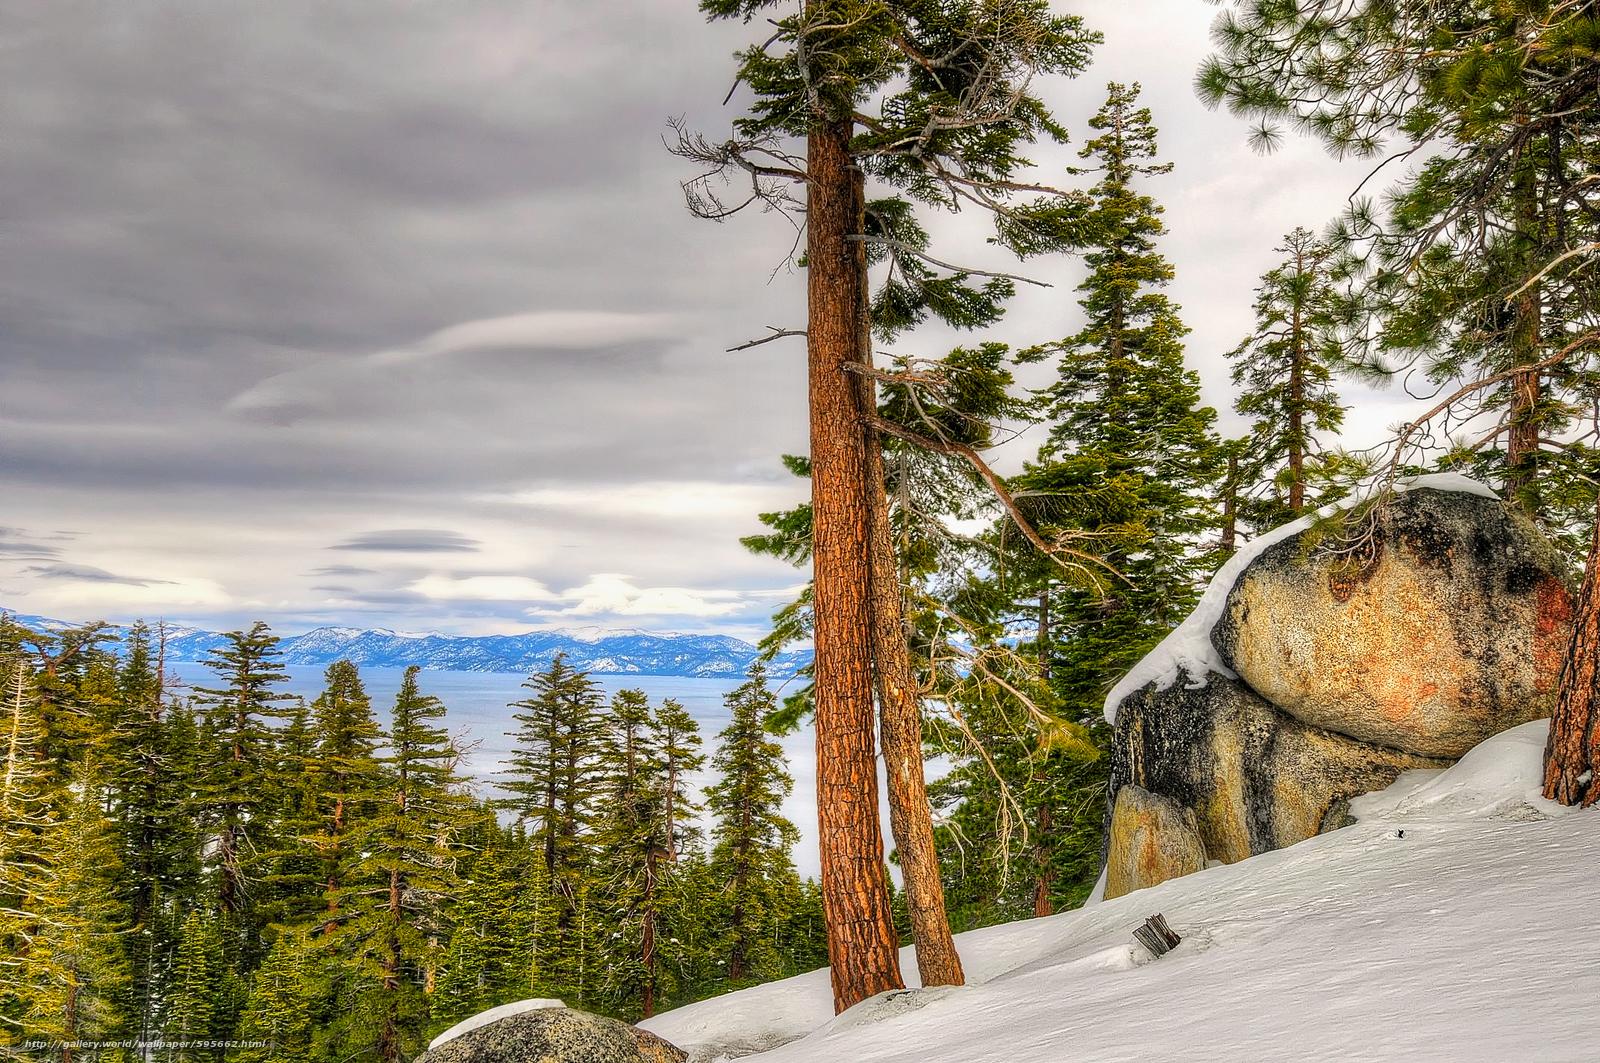 下载壁纸 太浩湖,  加州,  内华达州 免费为您的桌面分辨率的壁纸 2144x1424 — 图片 №595662